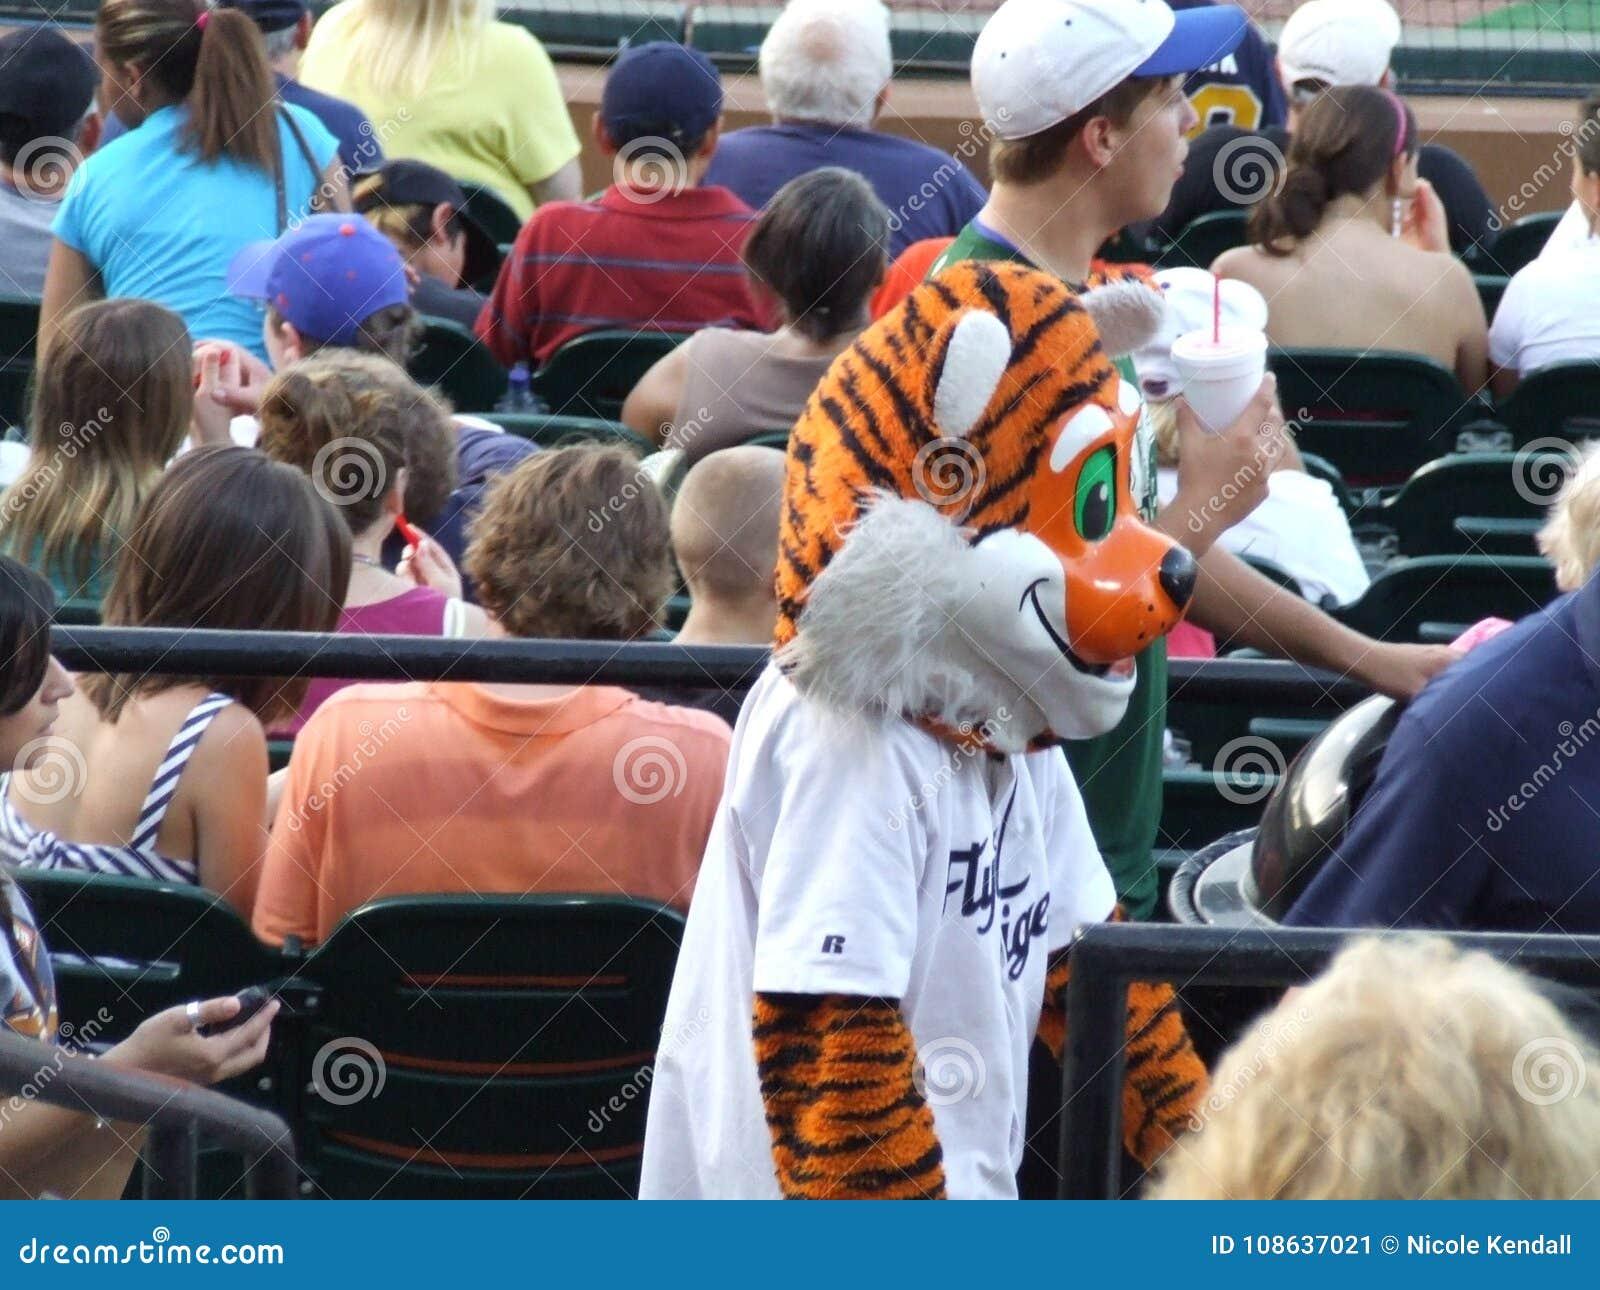 Mascota De Lakeland Flying Tigers Foto Editorial Imagen De Juego